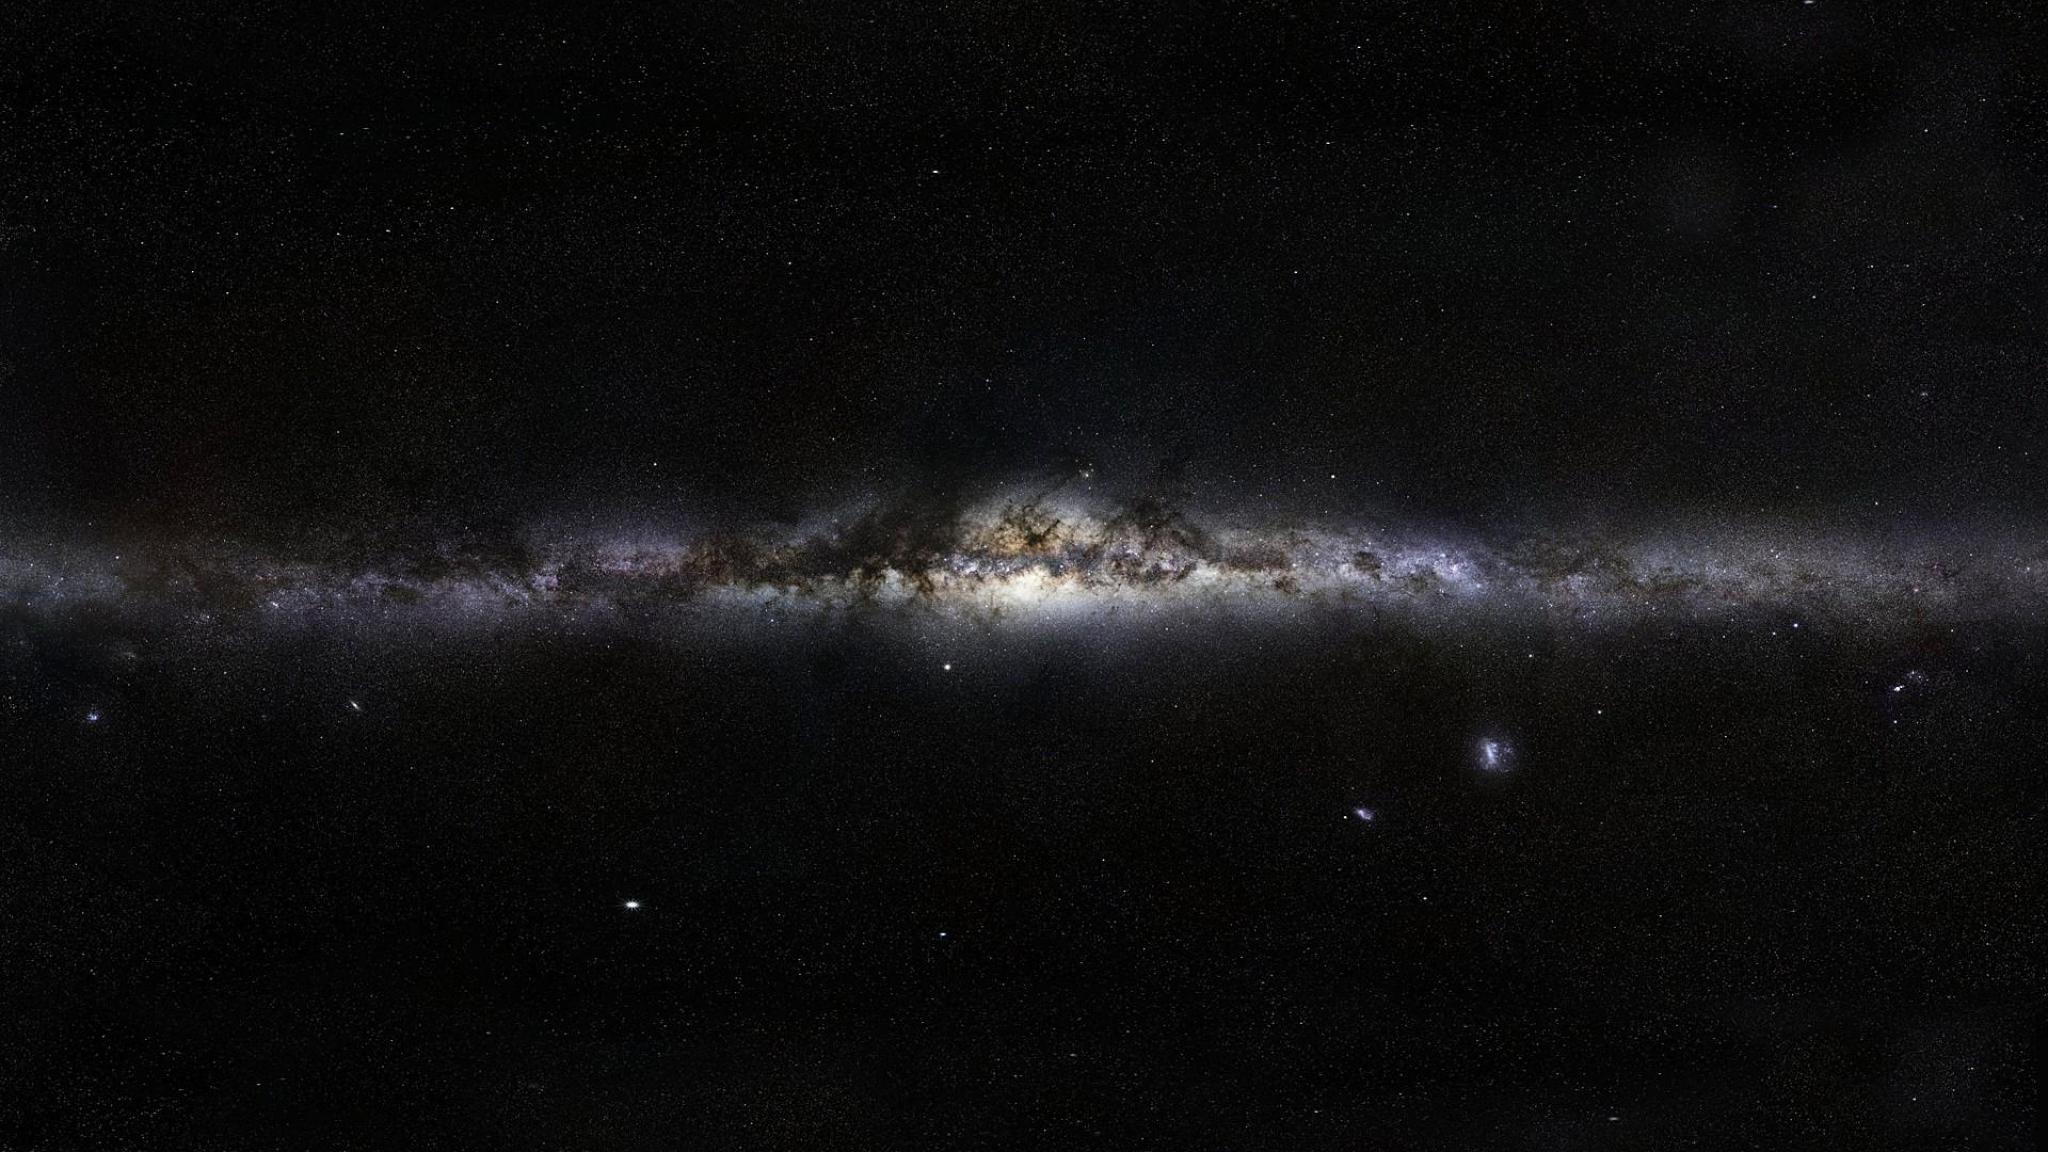 Download Wallpaper 2048x1152 milky way stars space nebula HD HD 2048x1152